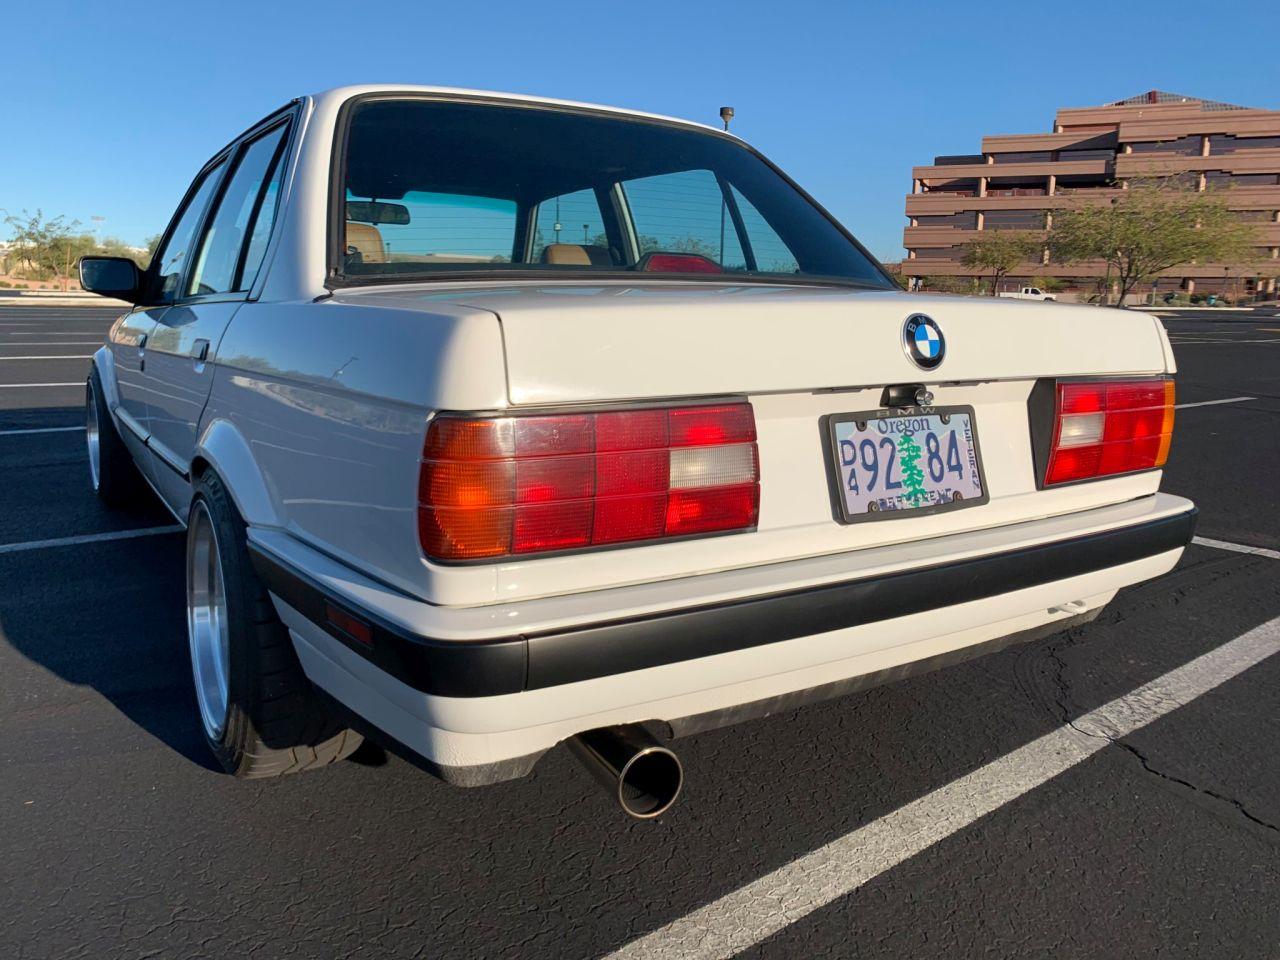 BMW 325i en S62 - Parce que 8, c'est mieux que 6 ! 5